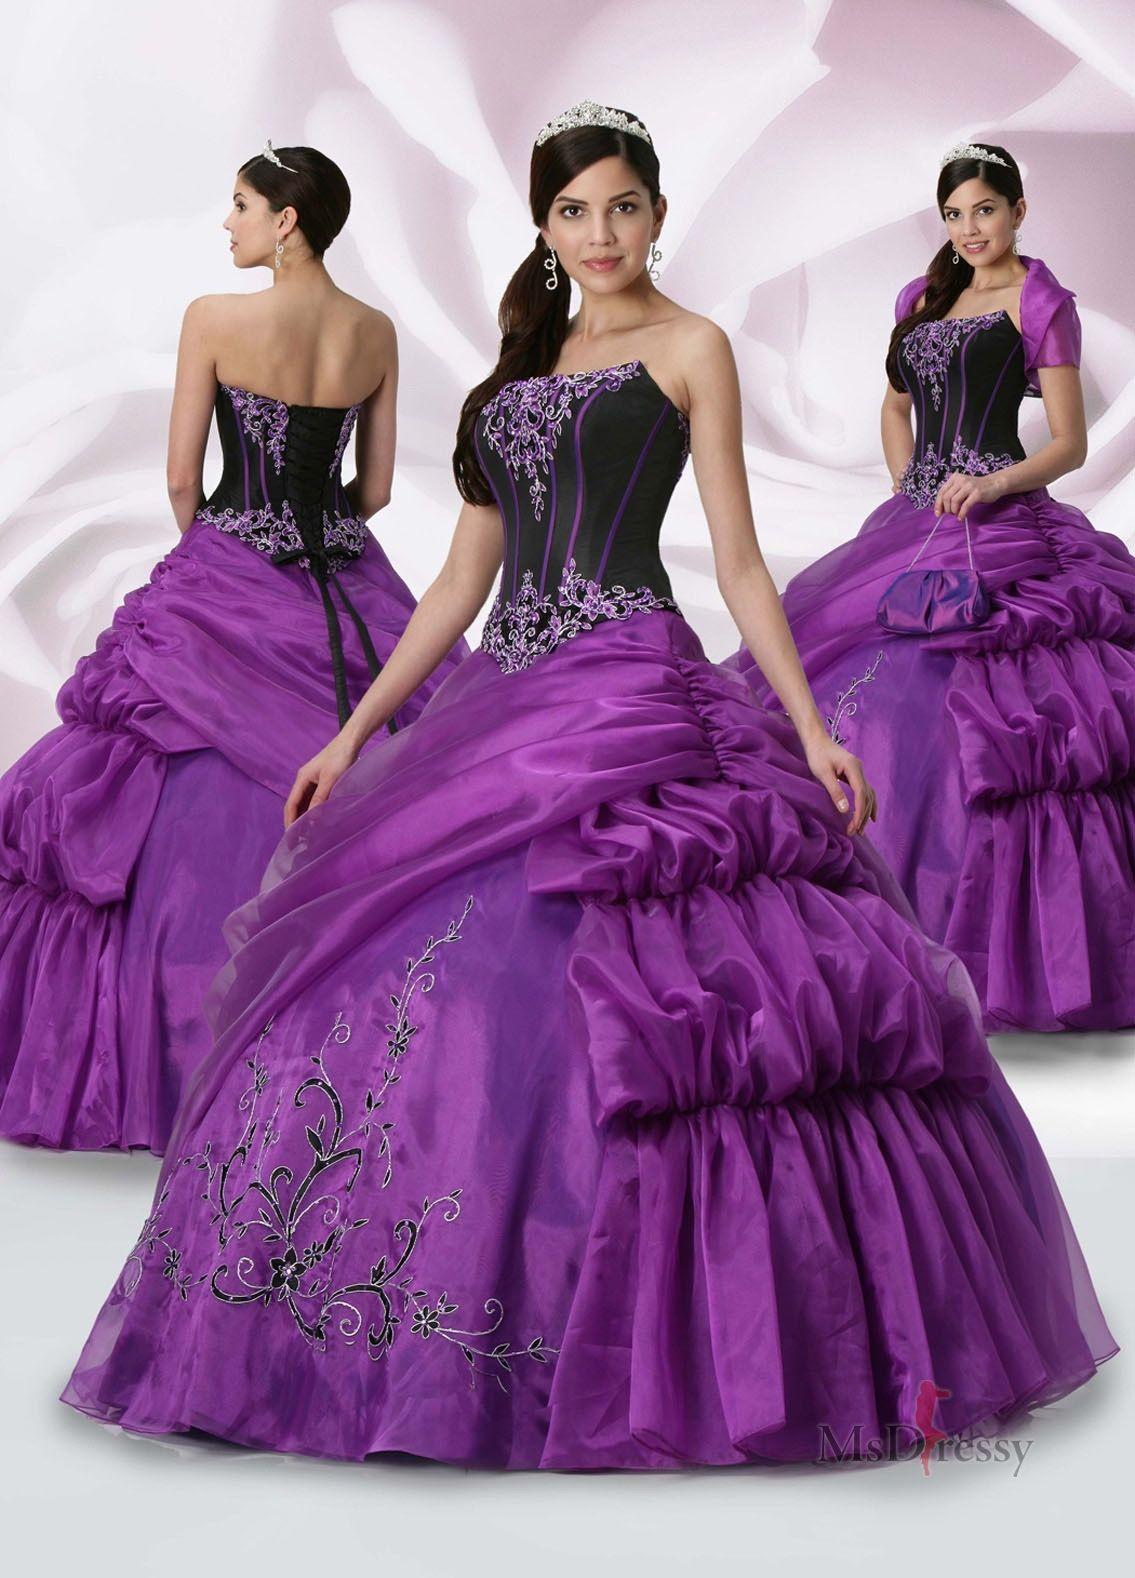 Quinceanera Dresses 2013 Quinceanera Dresses 2013 ...